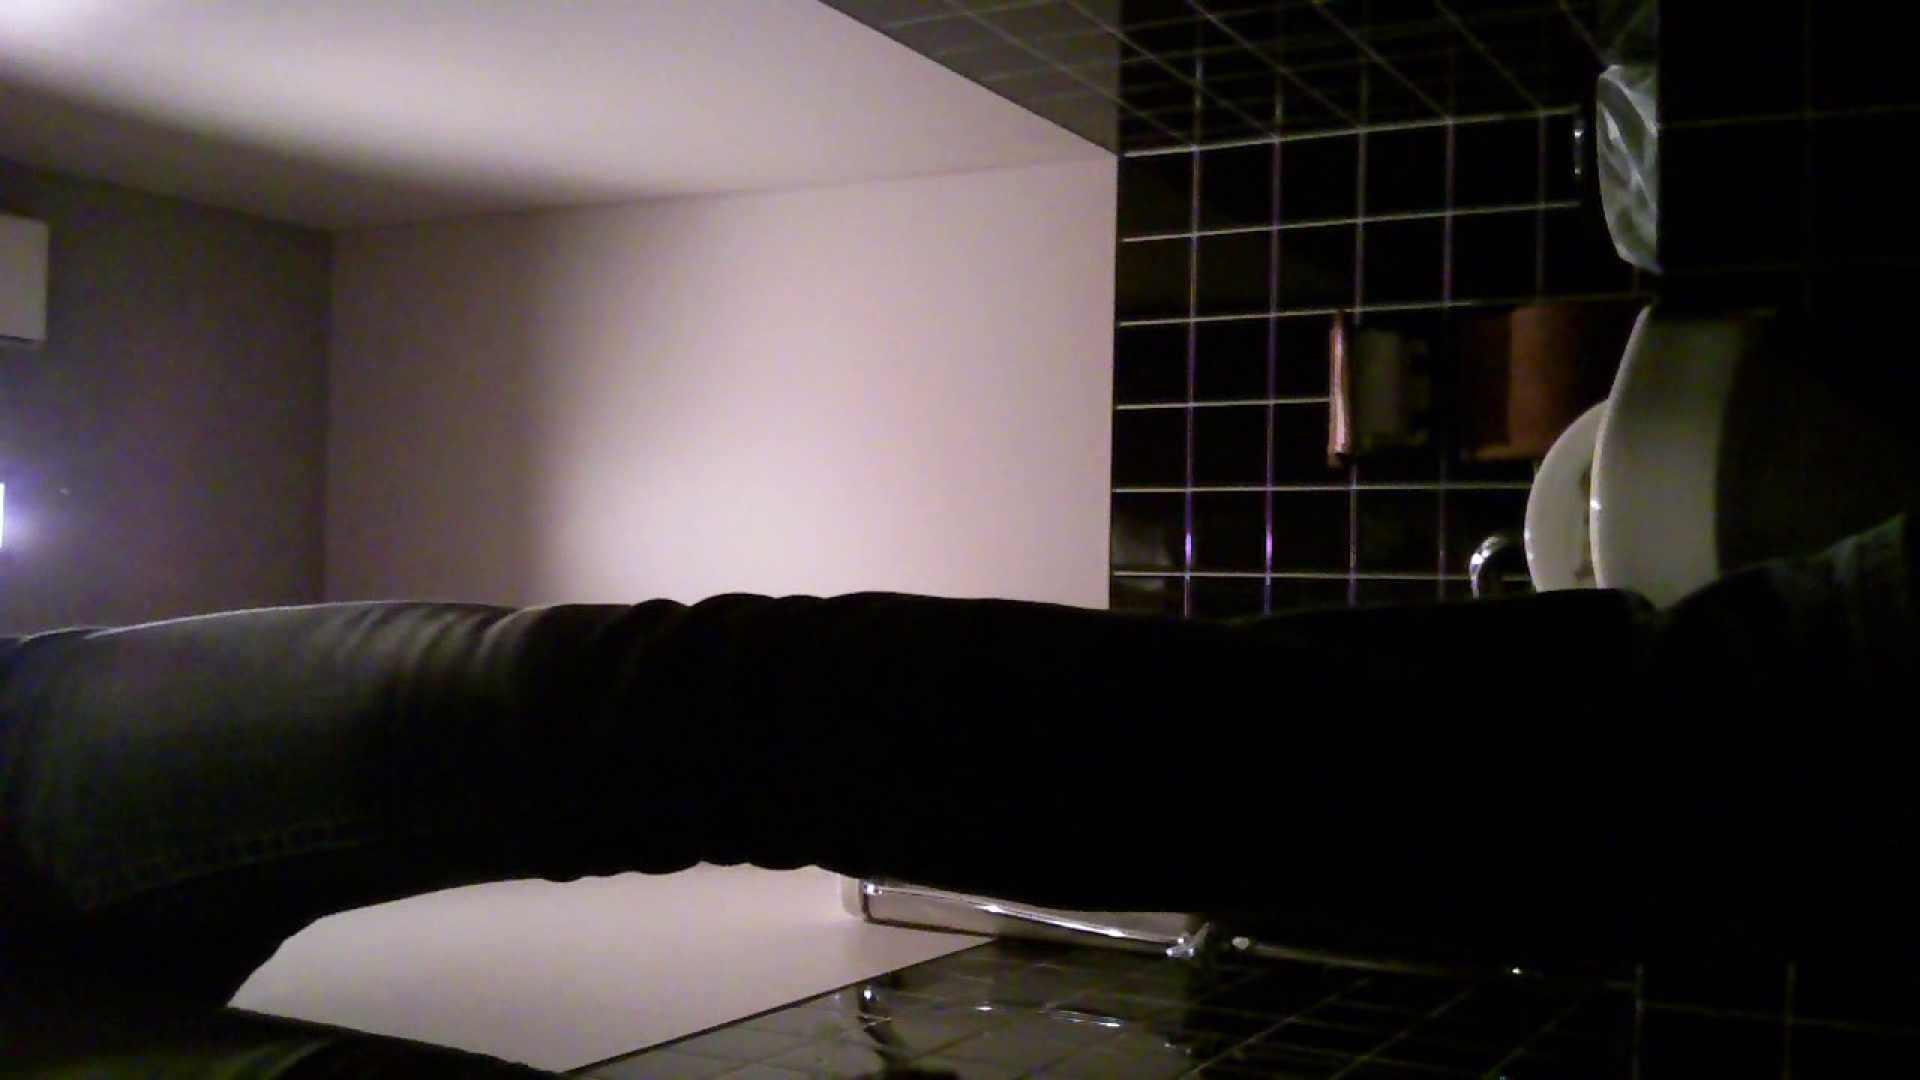 美女の集まる飲み屋洗面所 vol.01 洗面所 | OLセックス  104画像 16